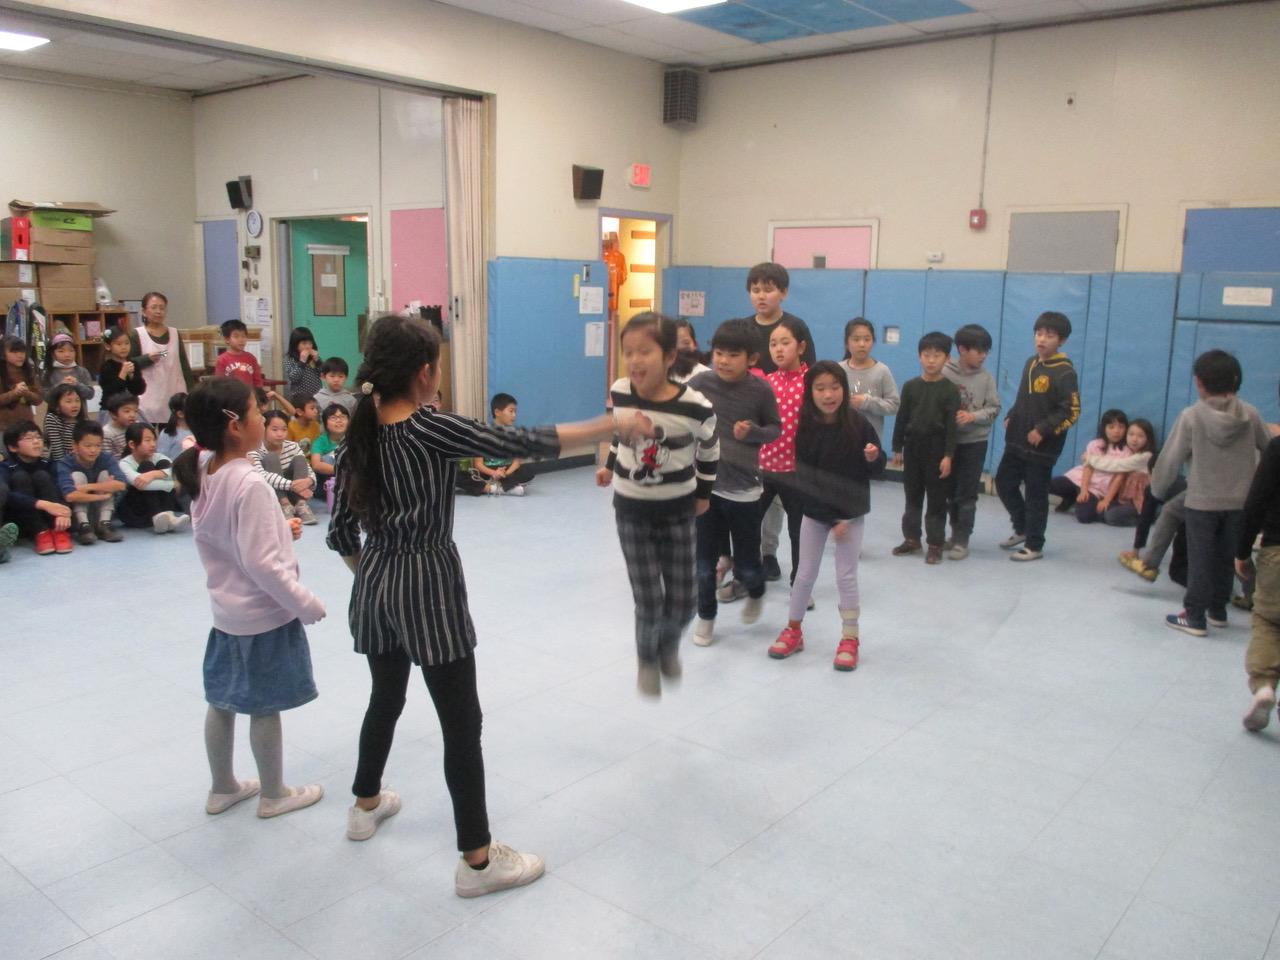 3年生の新たな挑戦 長縄跳び大会